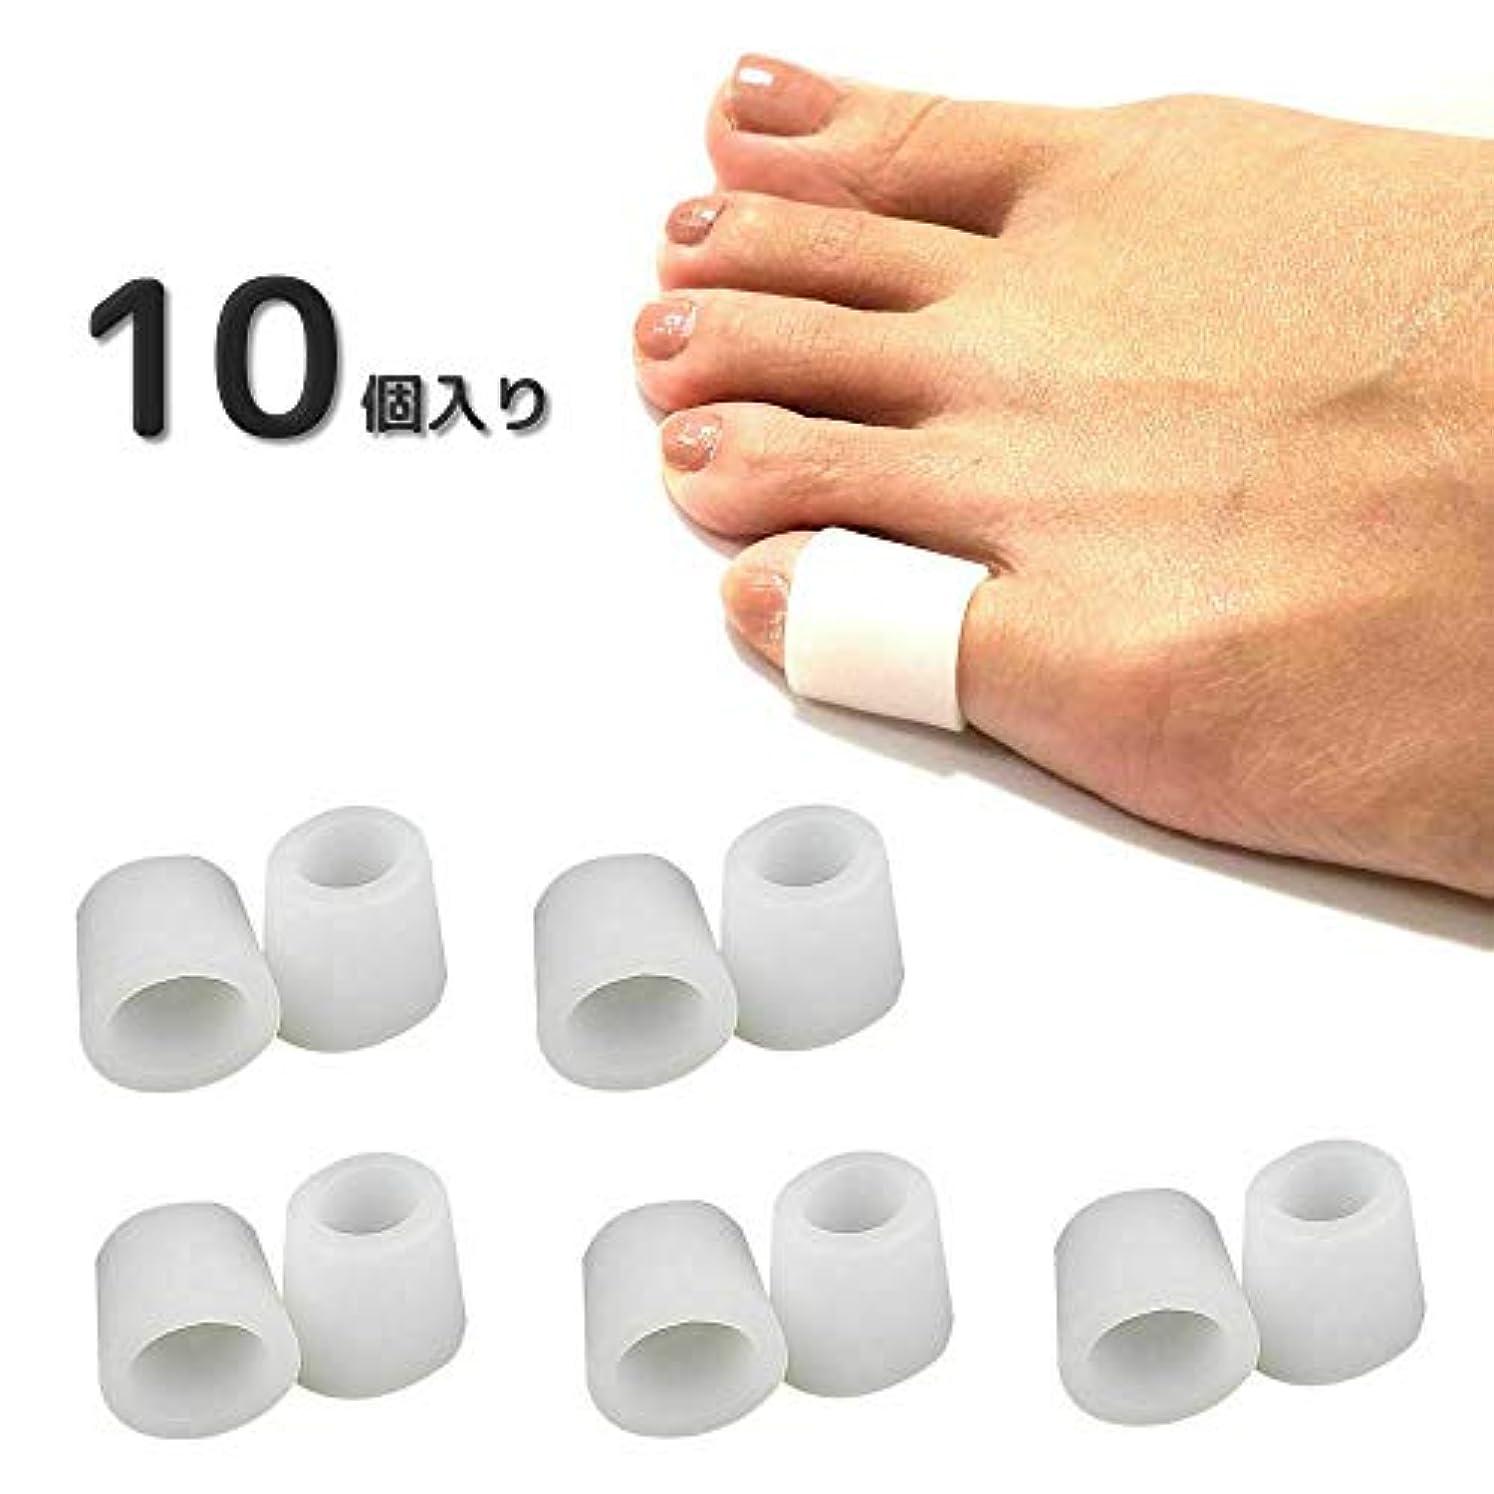 めまいアラビア語透けるLumiele 指や爪の保護キャップ 足爪 足指 柔らかシリコン サポーター 小指 指サック 5セット 10個入り